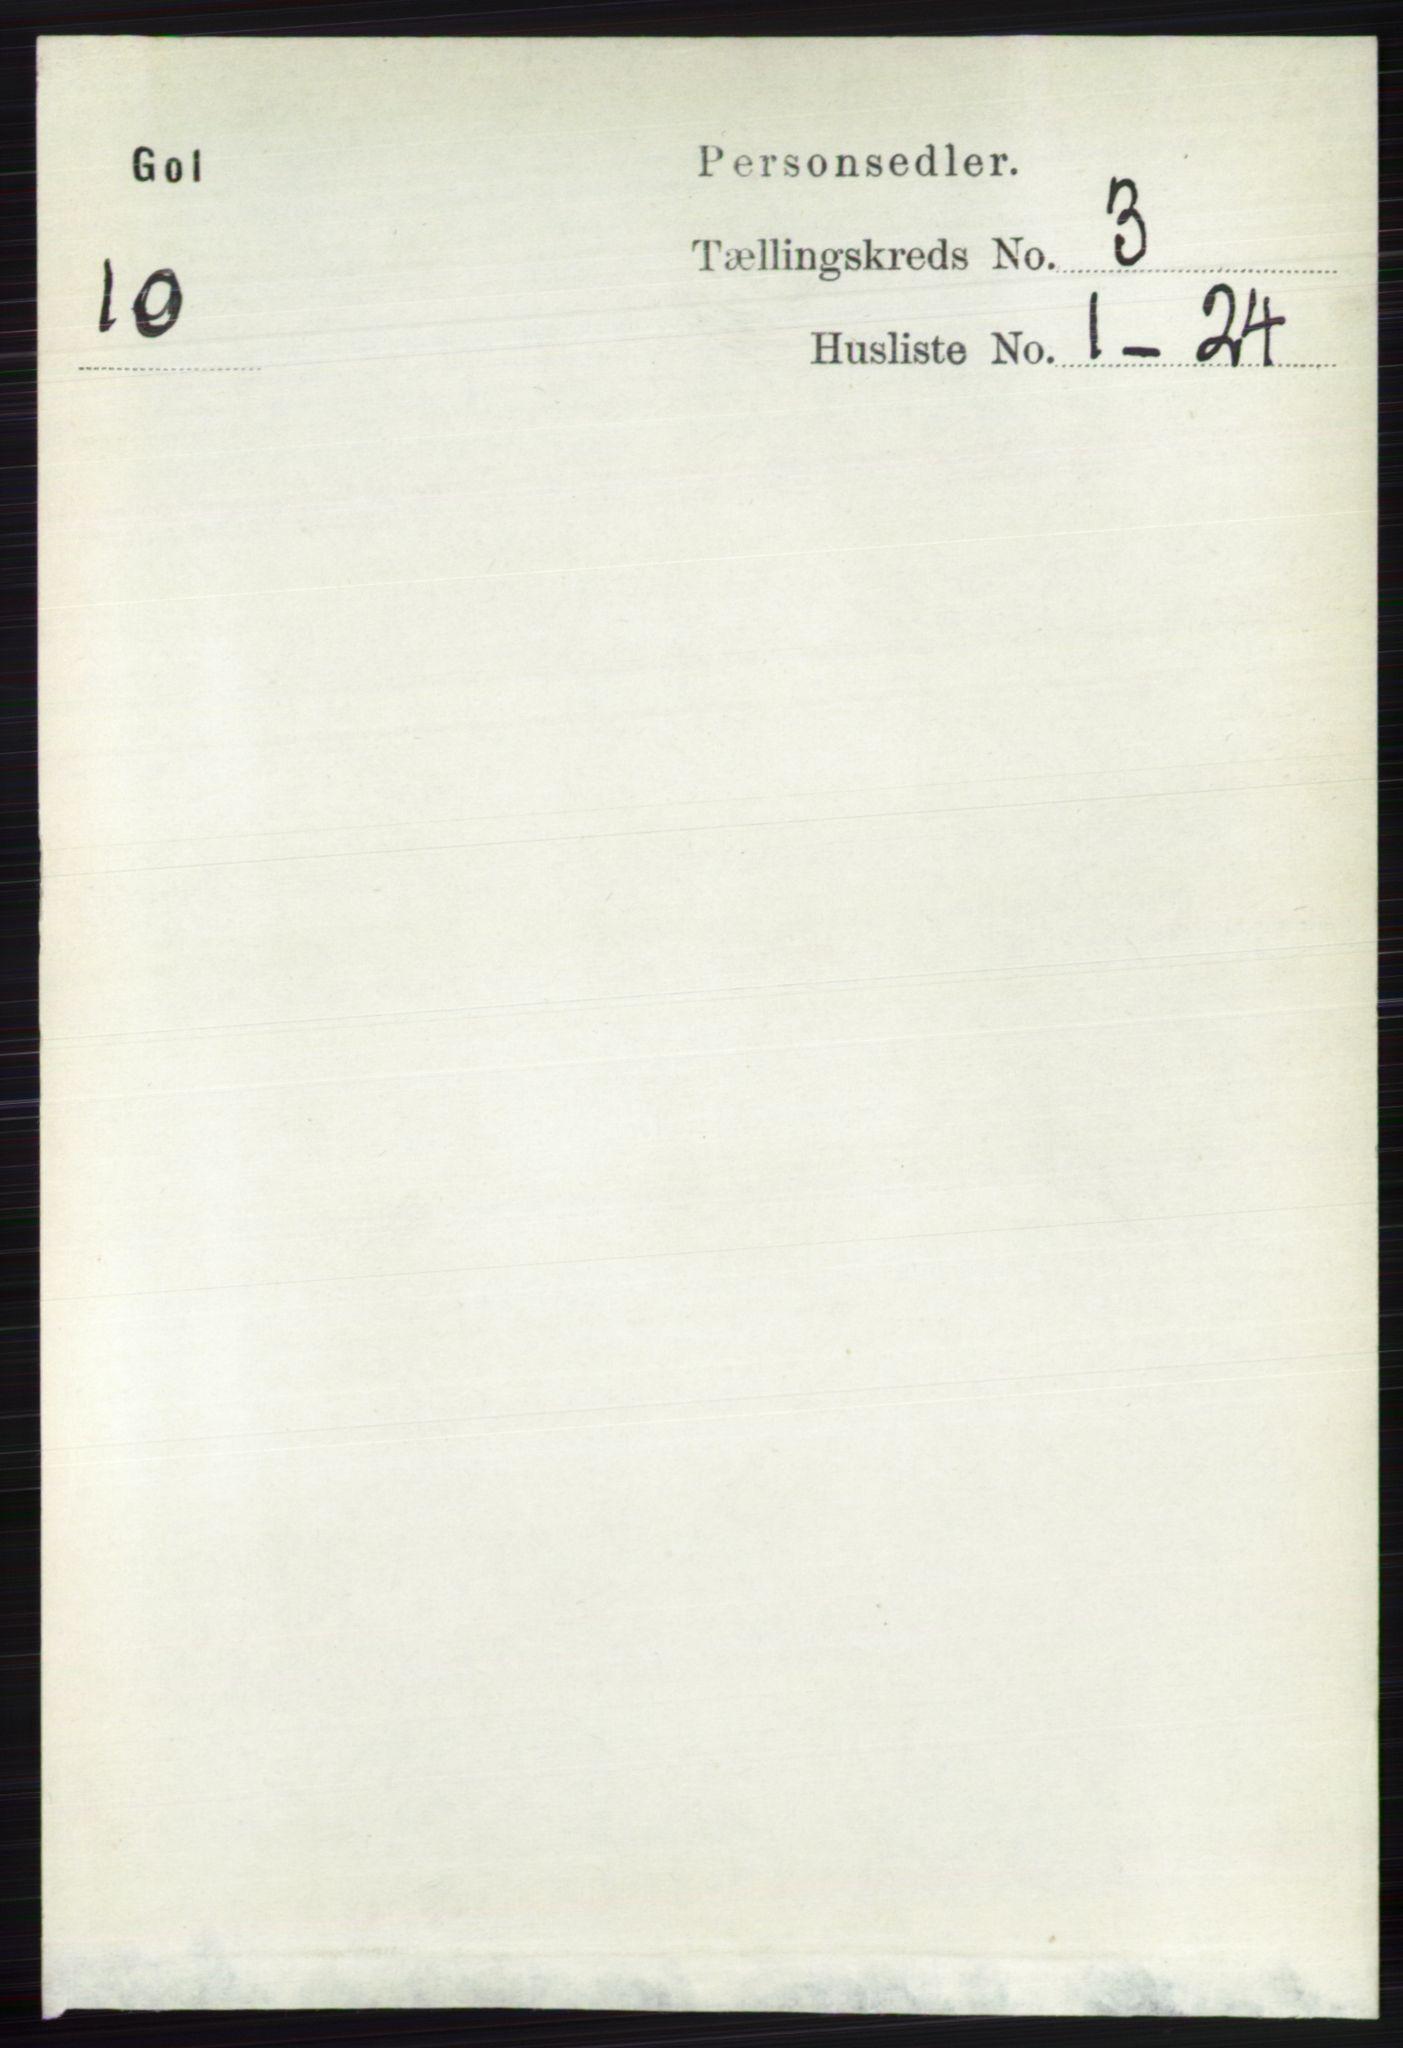 RA, Folketelling 1891 for 0617 Gol og Hemsedal herred, 1891, s. 1272